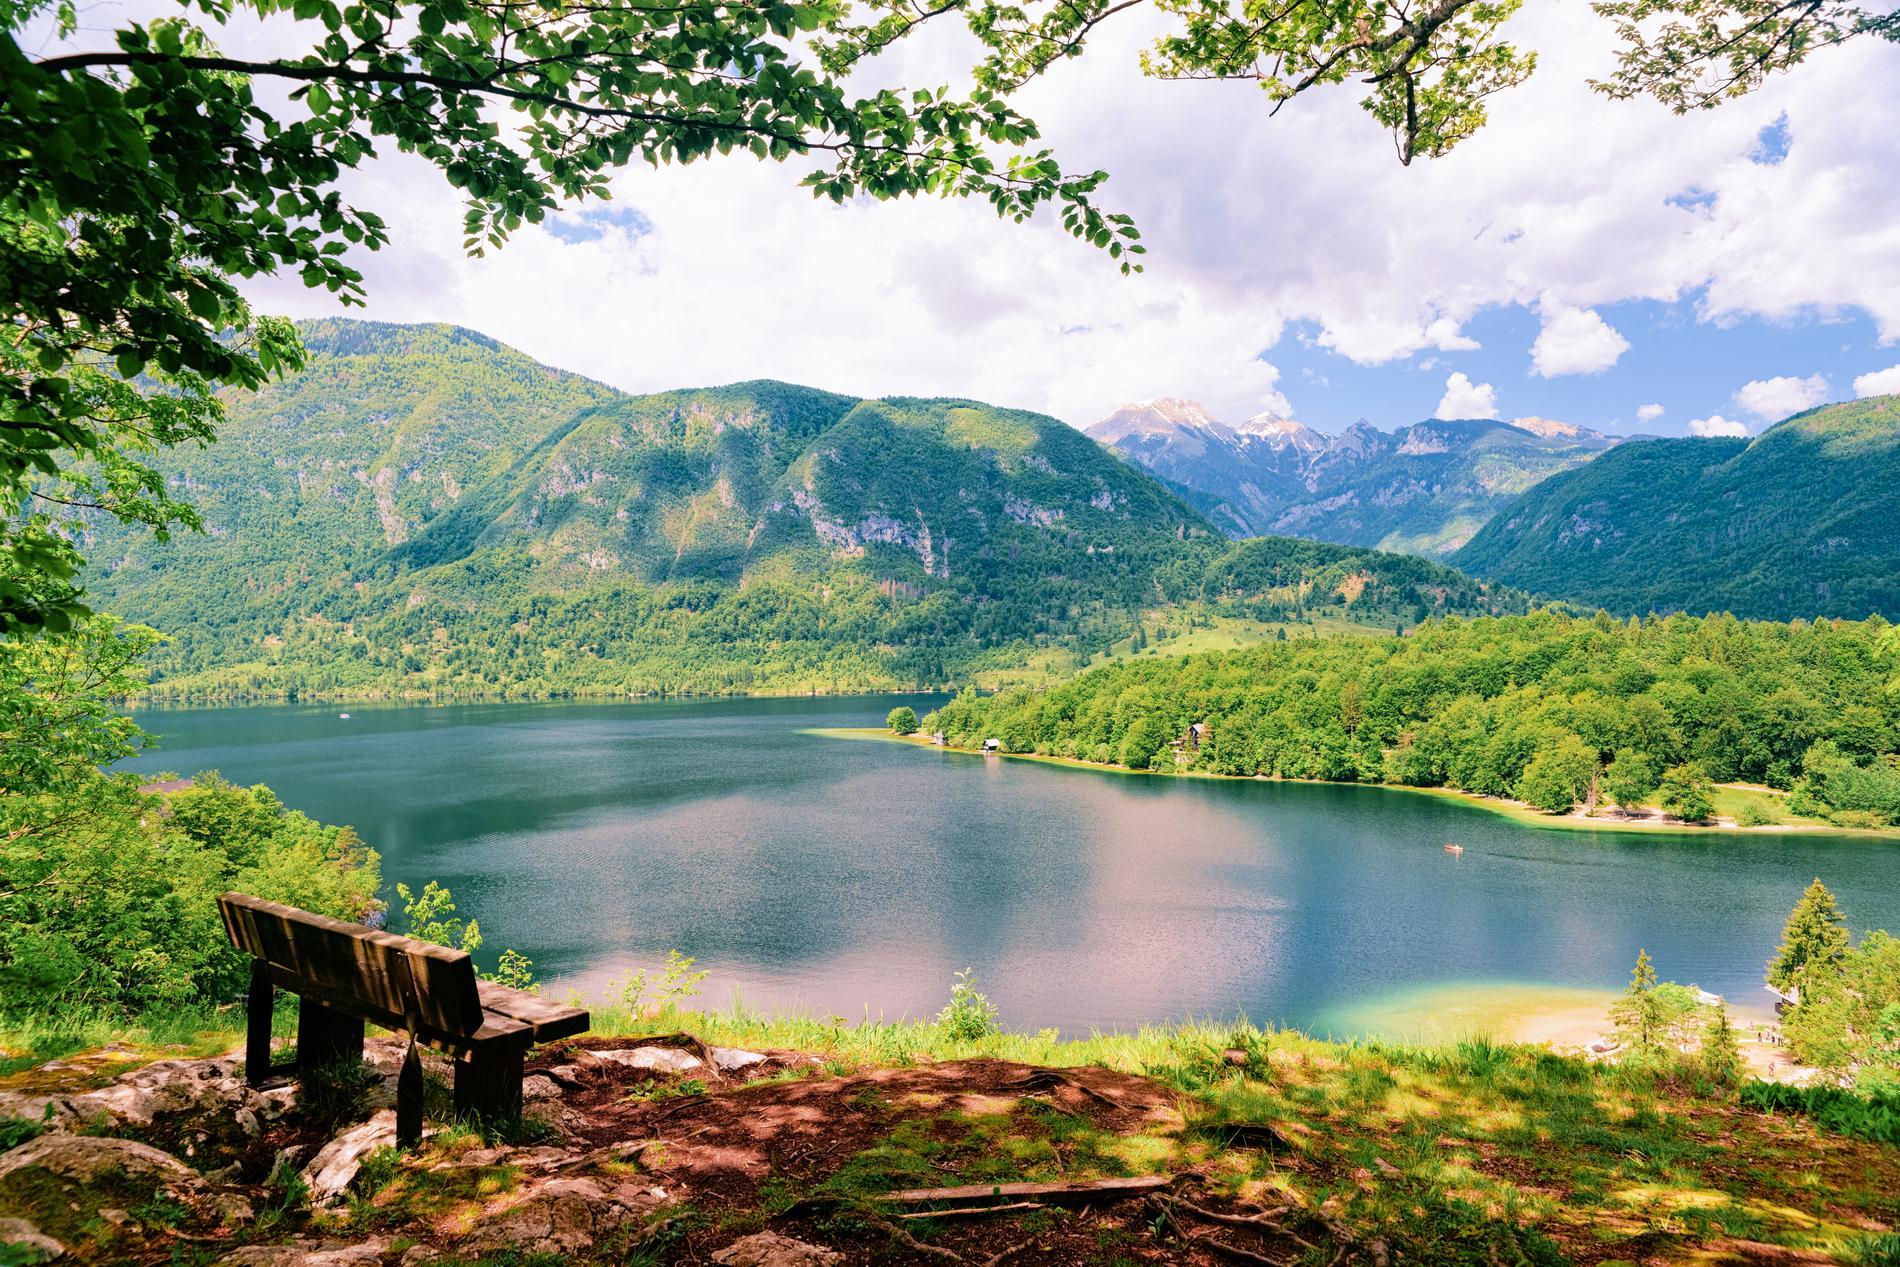 Bohinjsjön är Bledsjöns mer okända granne.